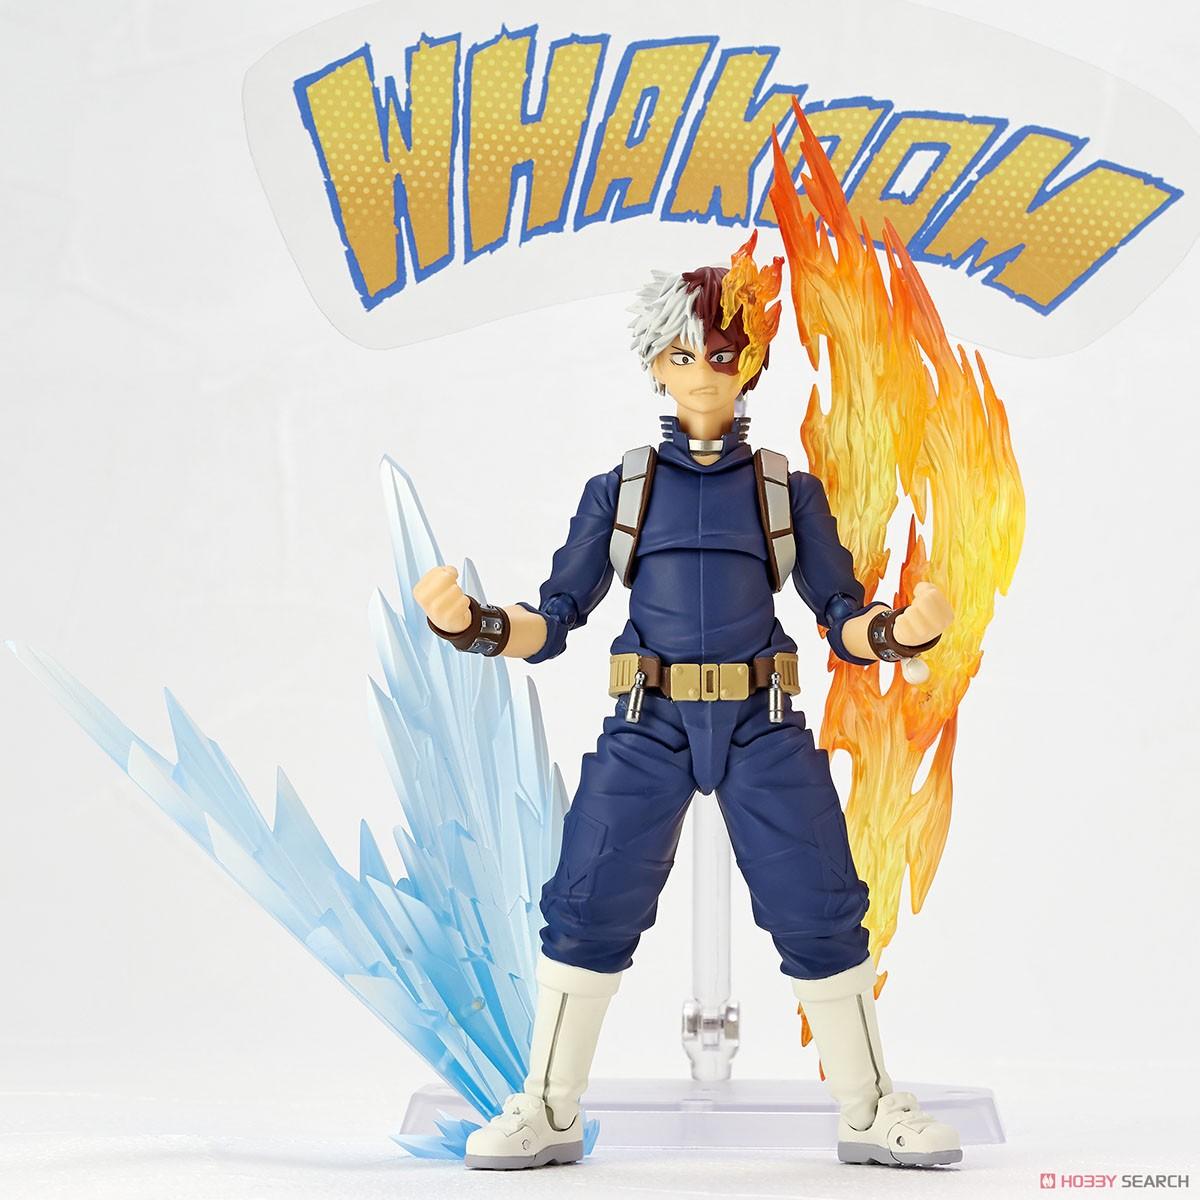 フィギュアコンプレックス アメイジング・ヤマグチ No.026『轟焦凍』僕のヒーローアカデミア 可動フィギュア-008